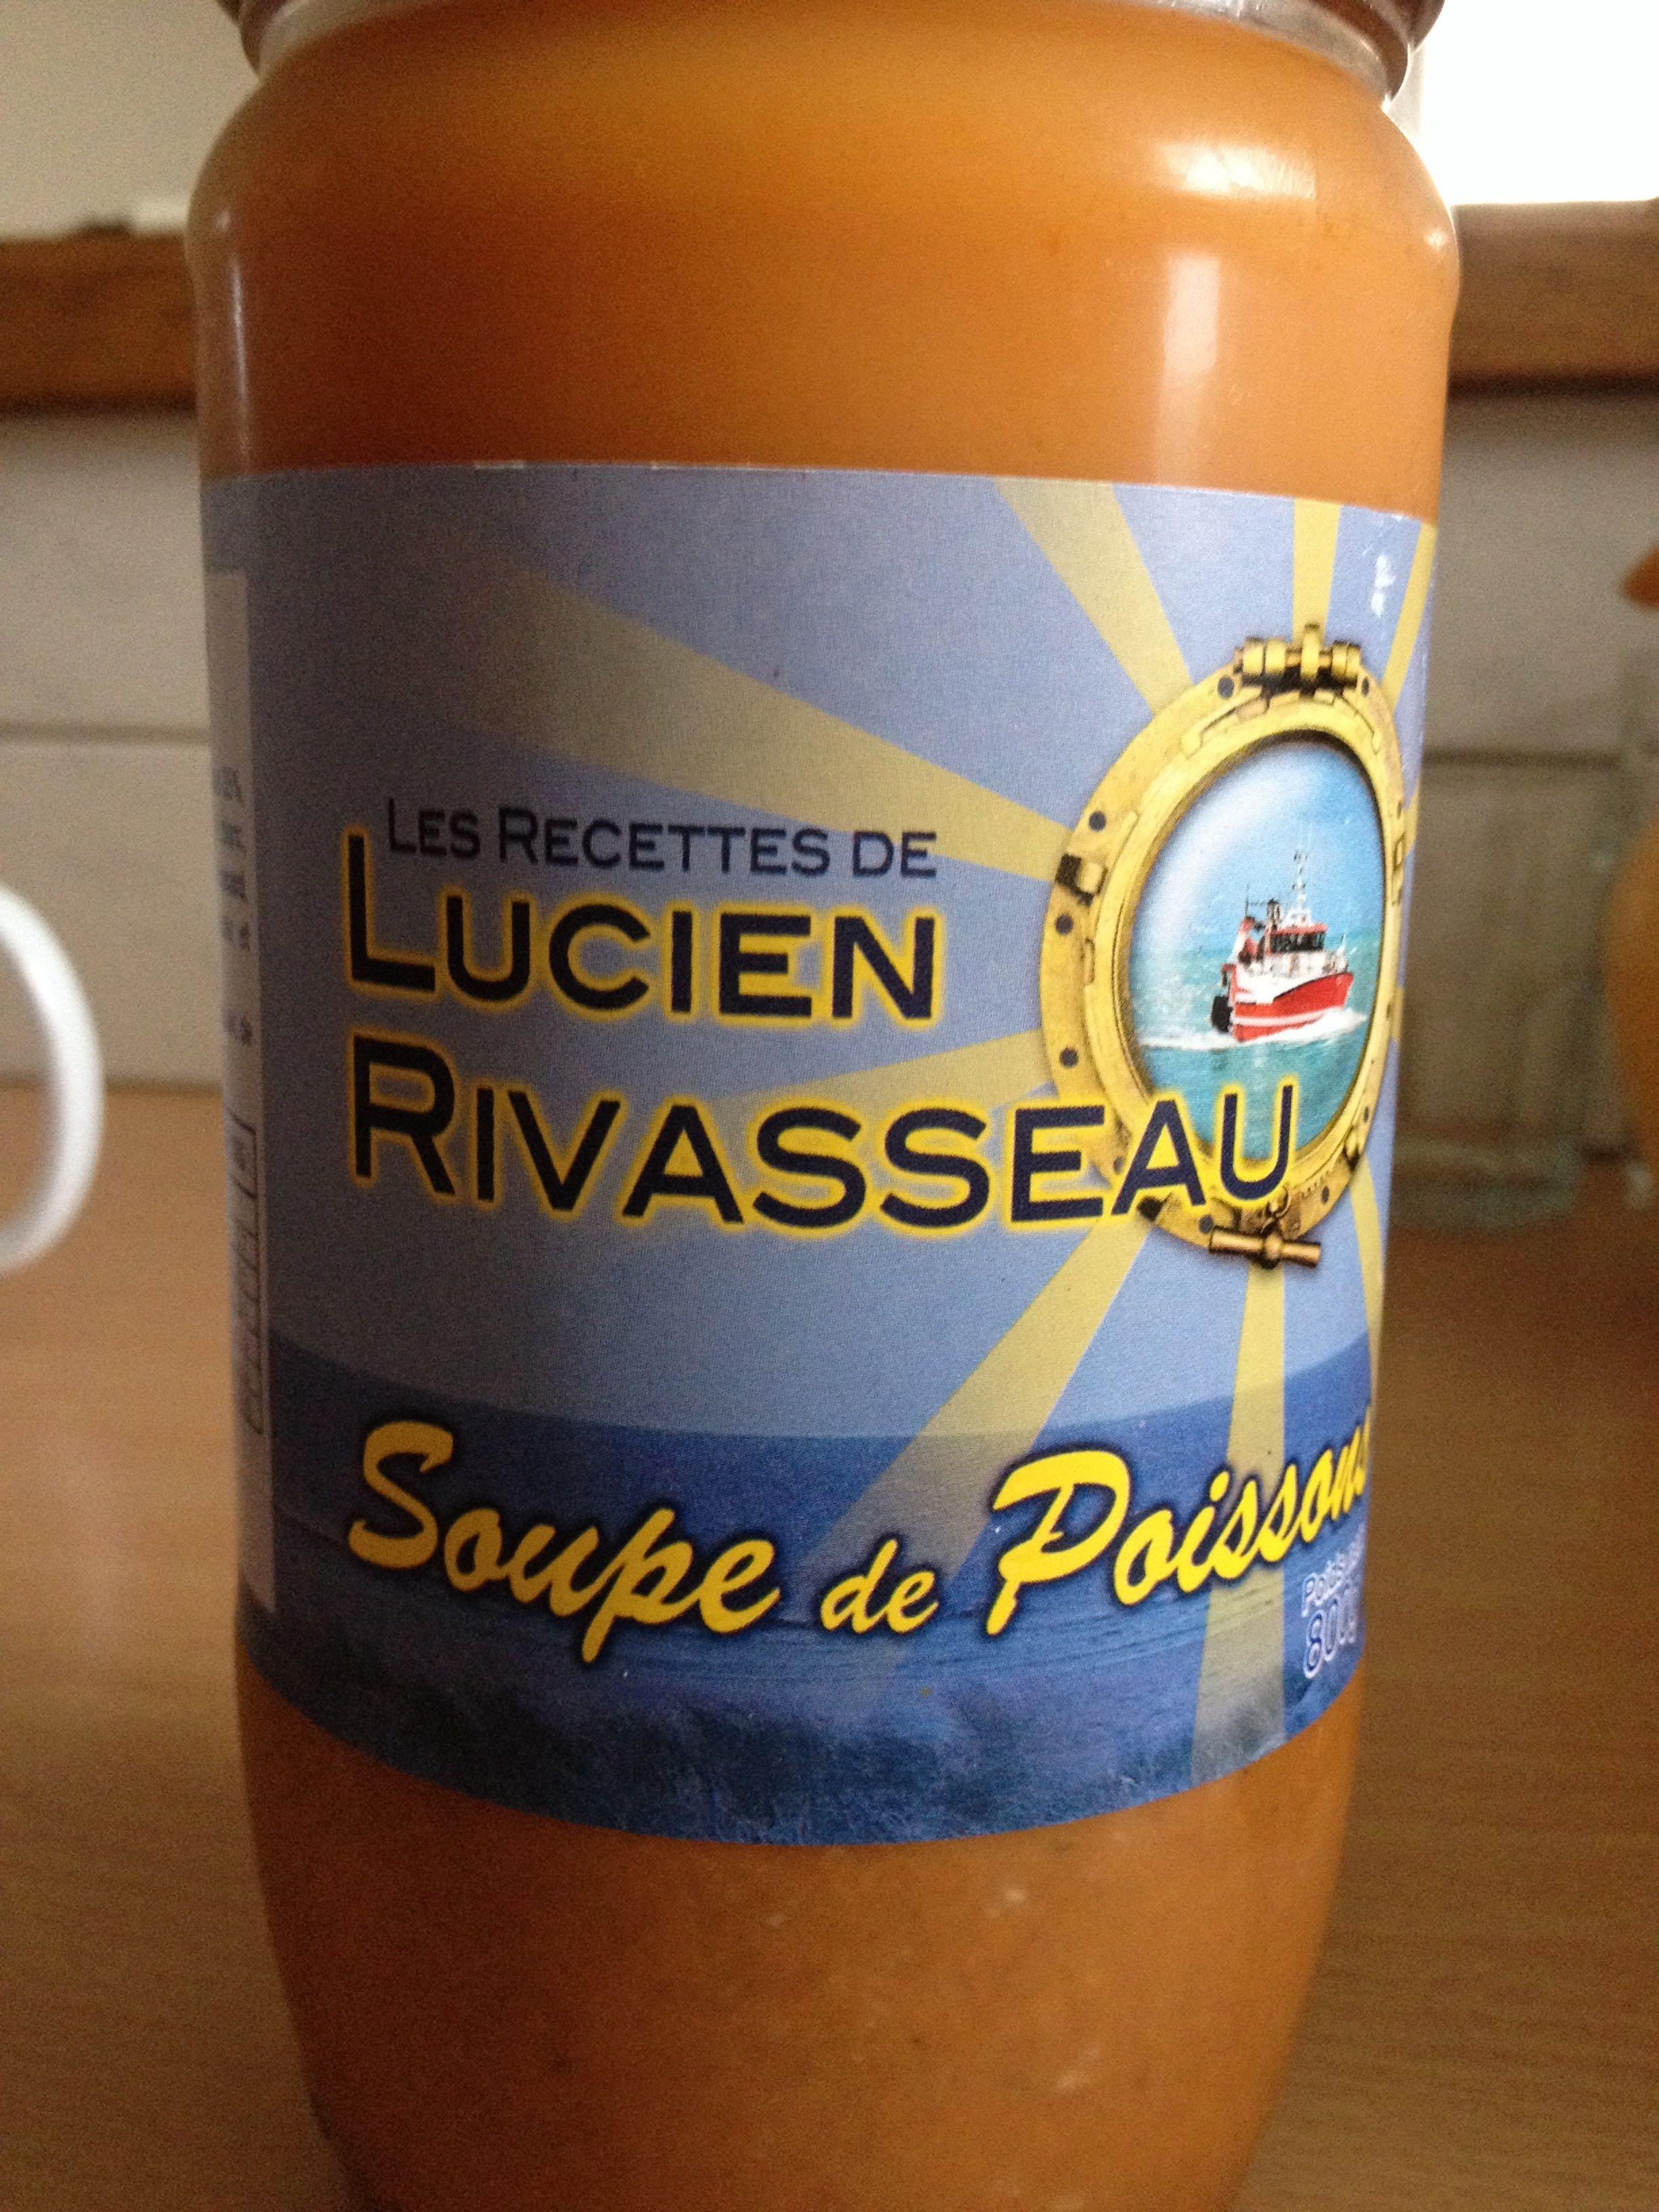 Soupe de Poisson - Les recettes de Lucien Rivasseau - Produit